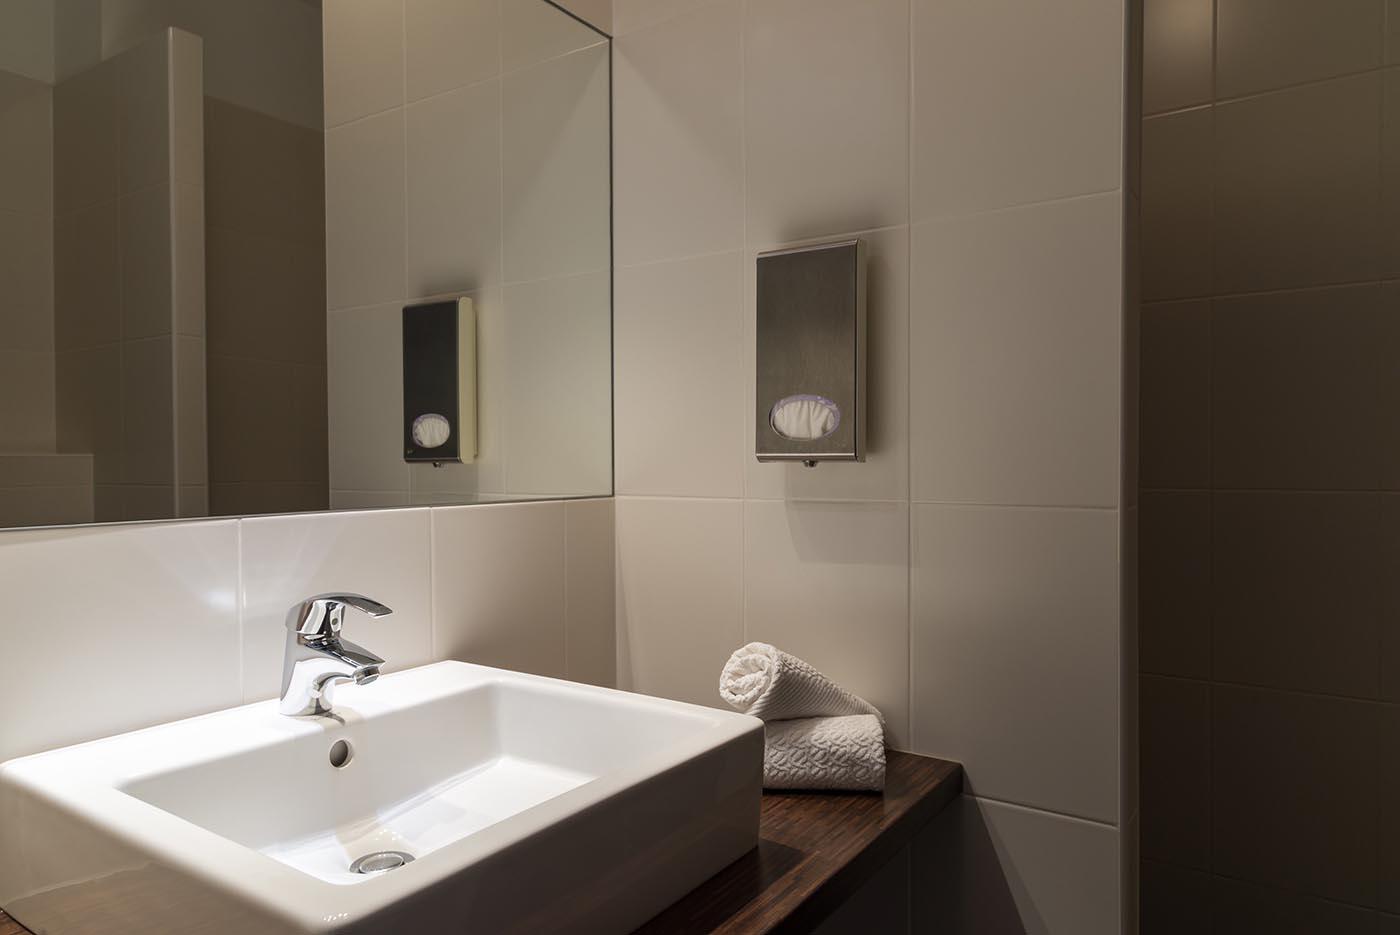 Salle de bain chambre privilège de l'Hôtel Villa Borghese à Gréoux-les-Bains (04800)